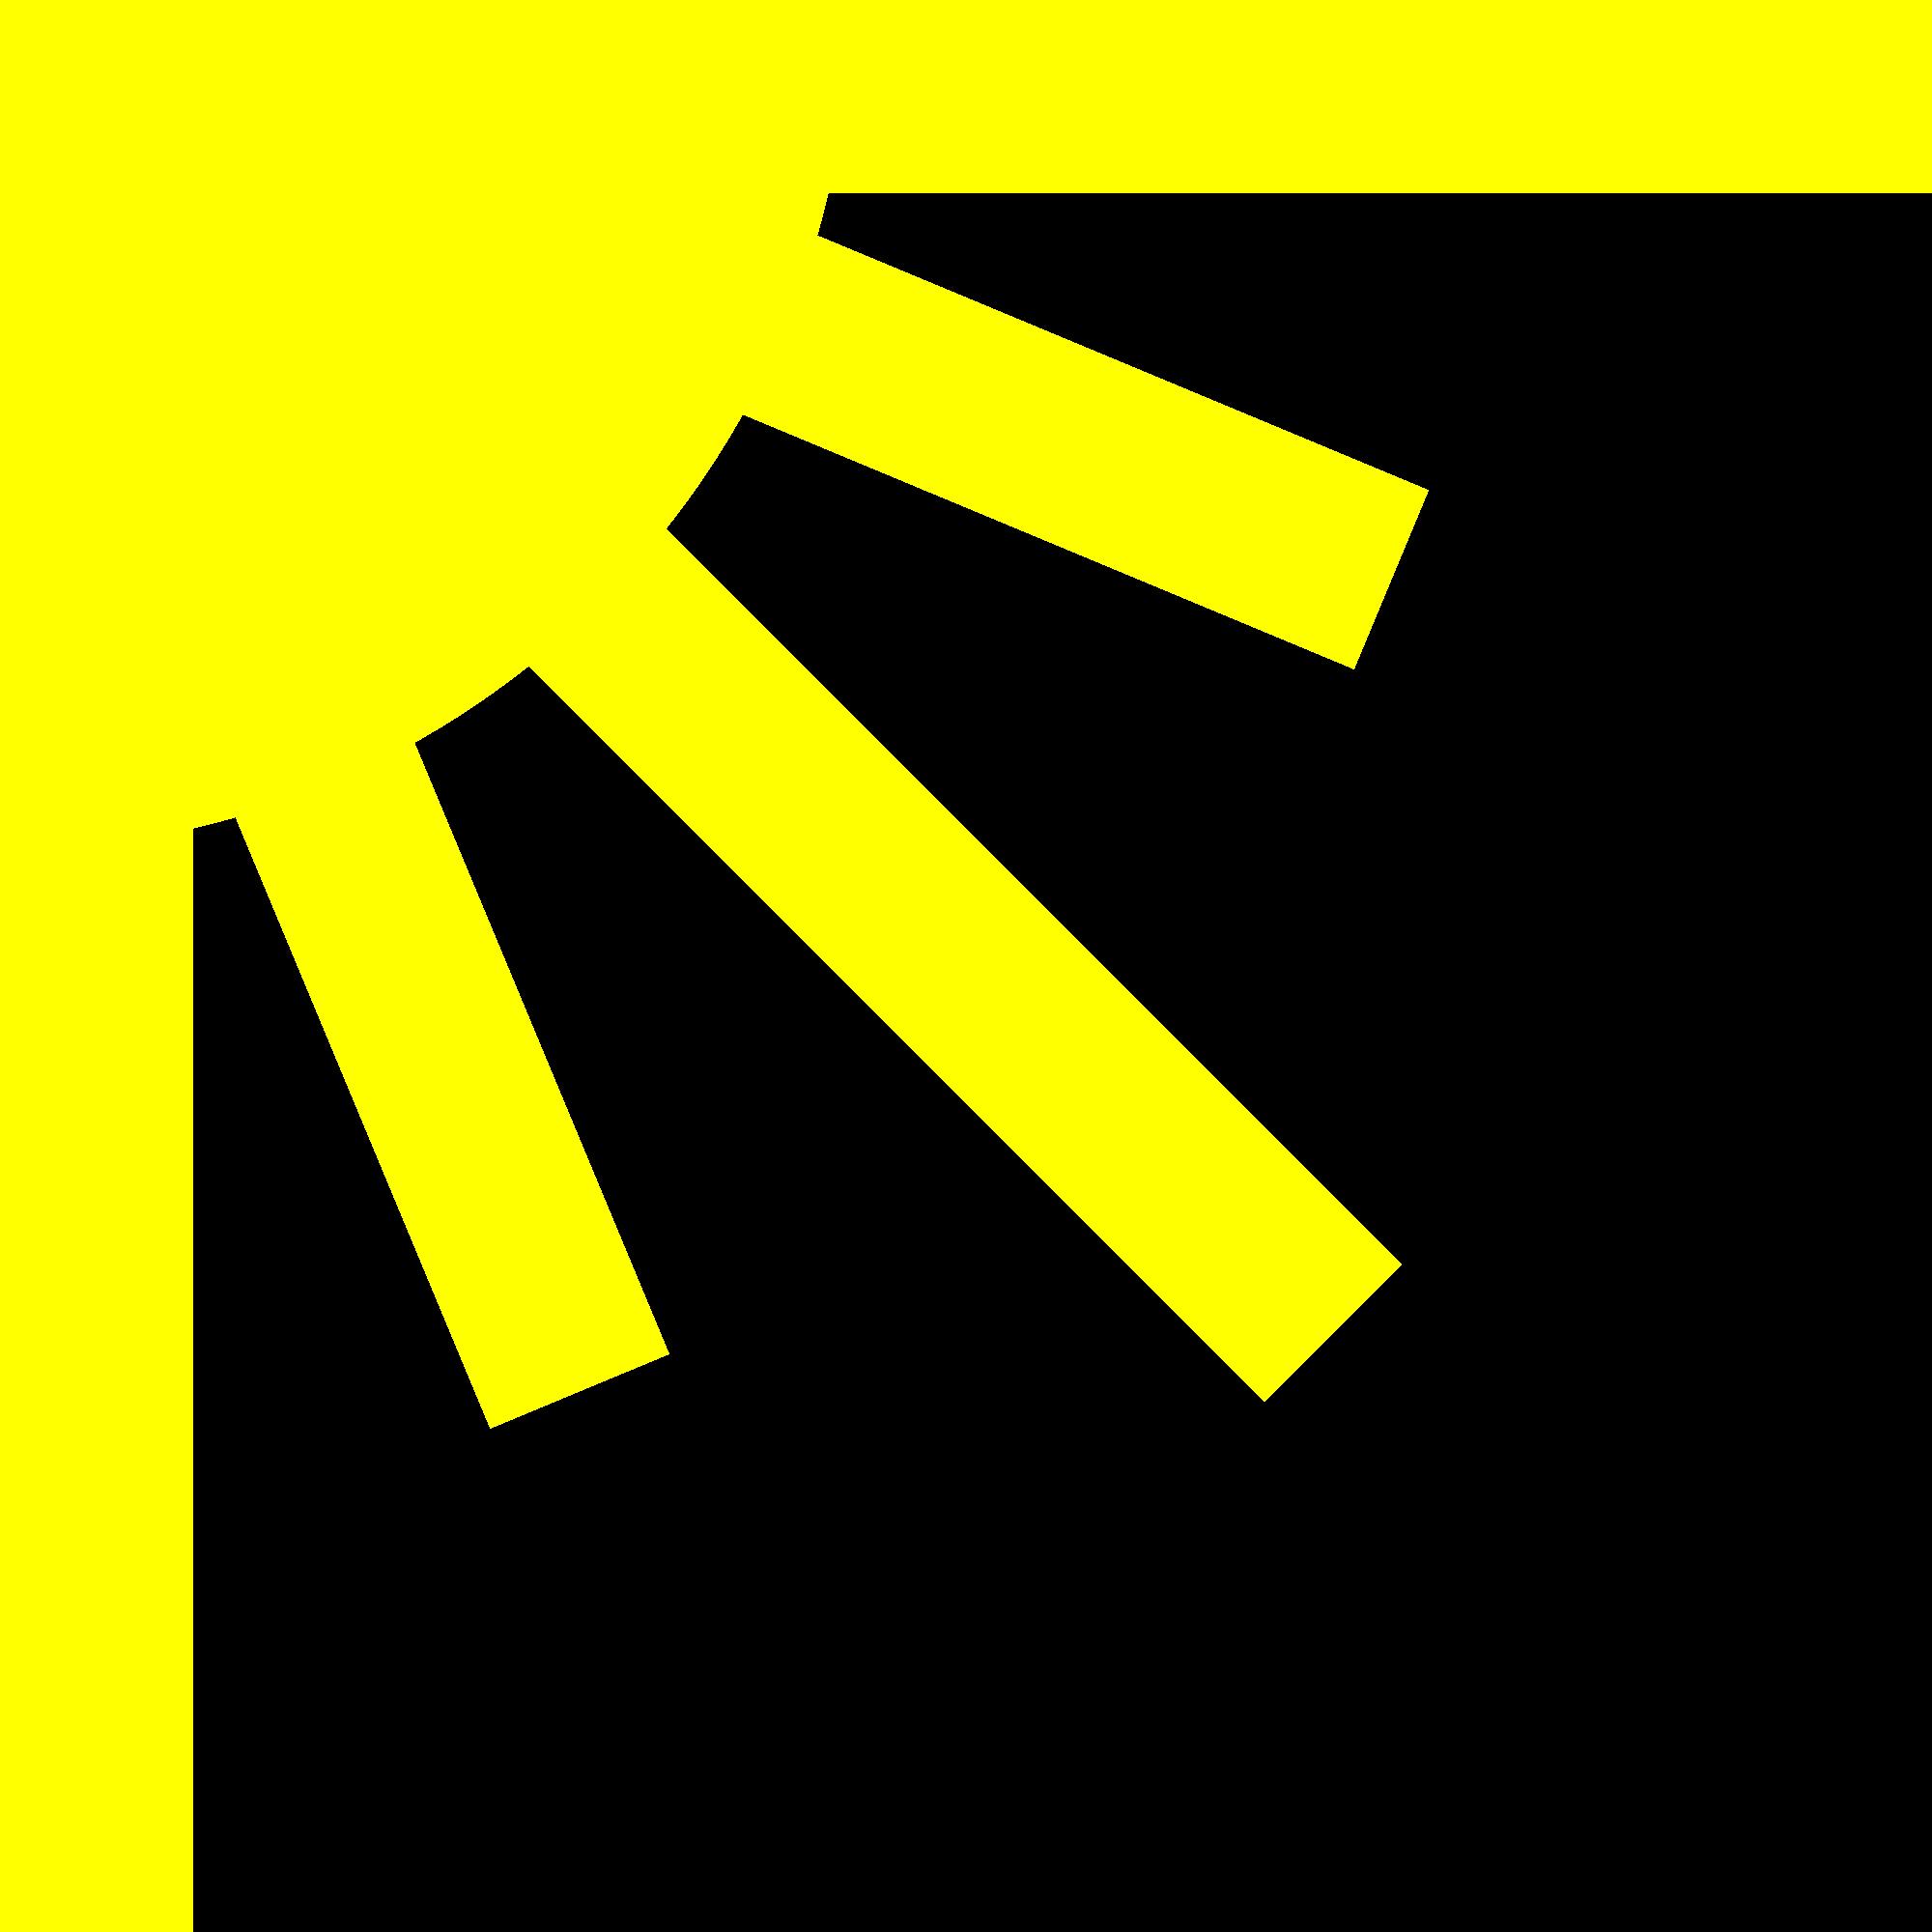 Sun clipart corner graphic free stock File:Sun corner.svg - Wikimedia Commons graphic free stock